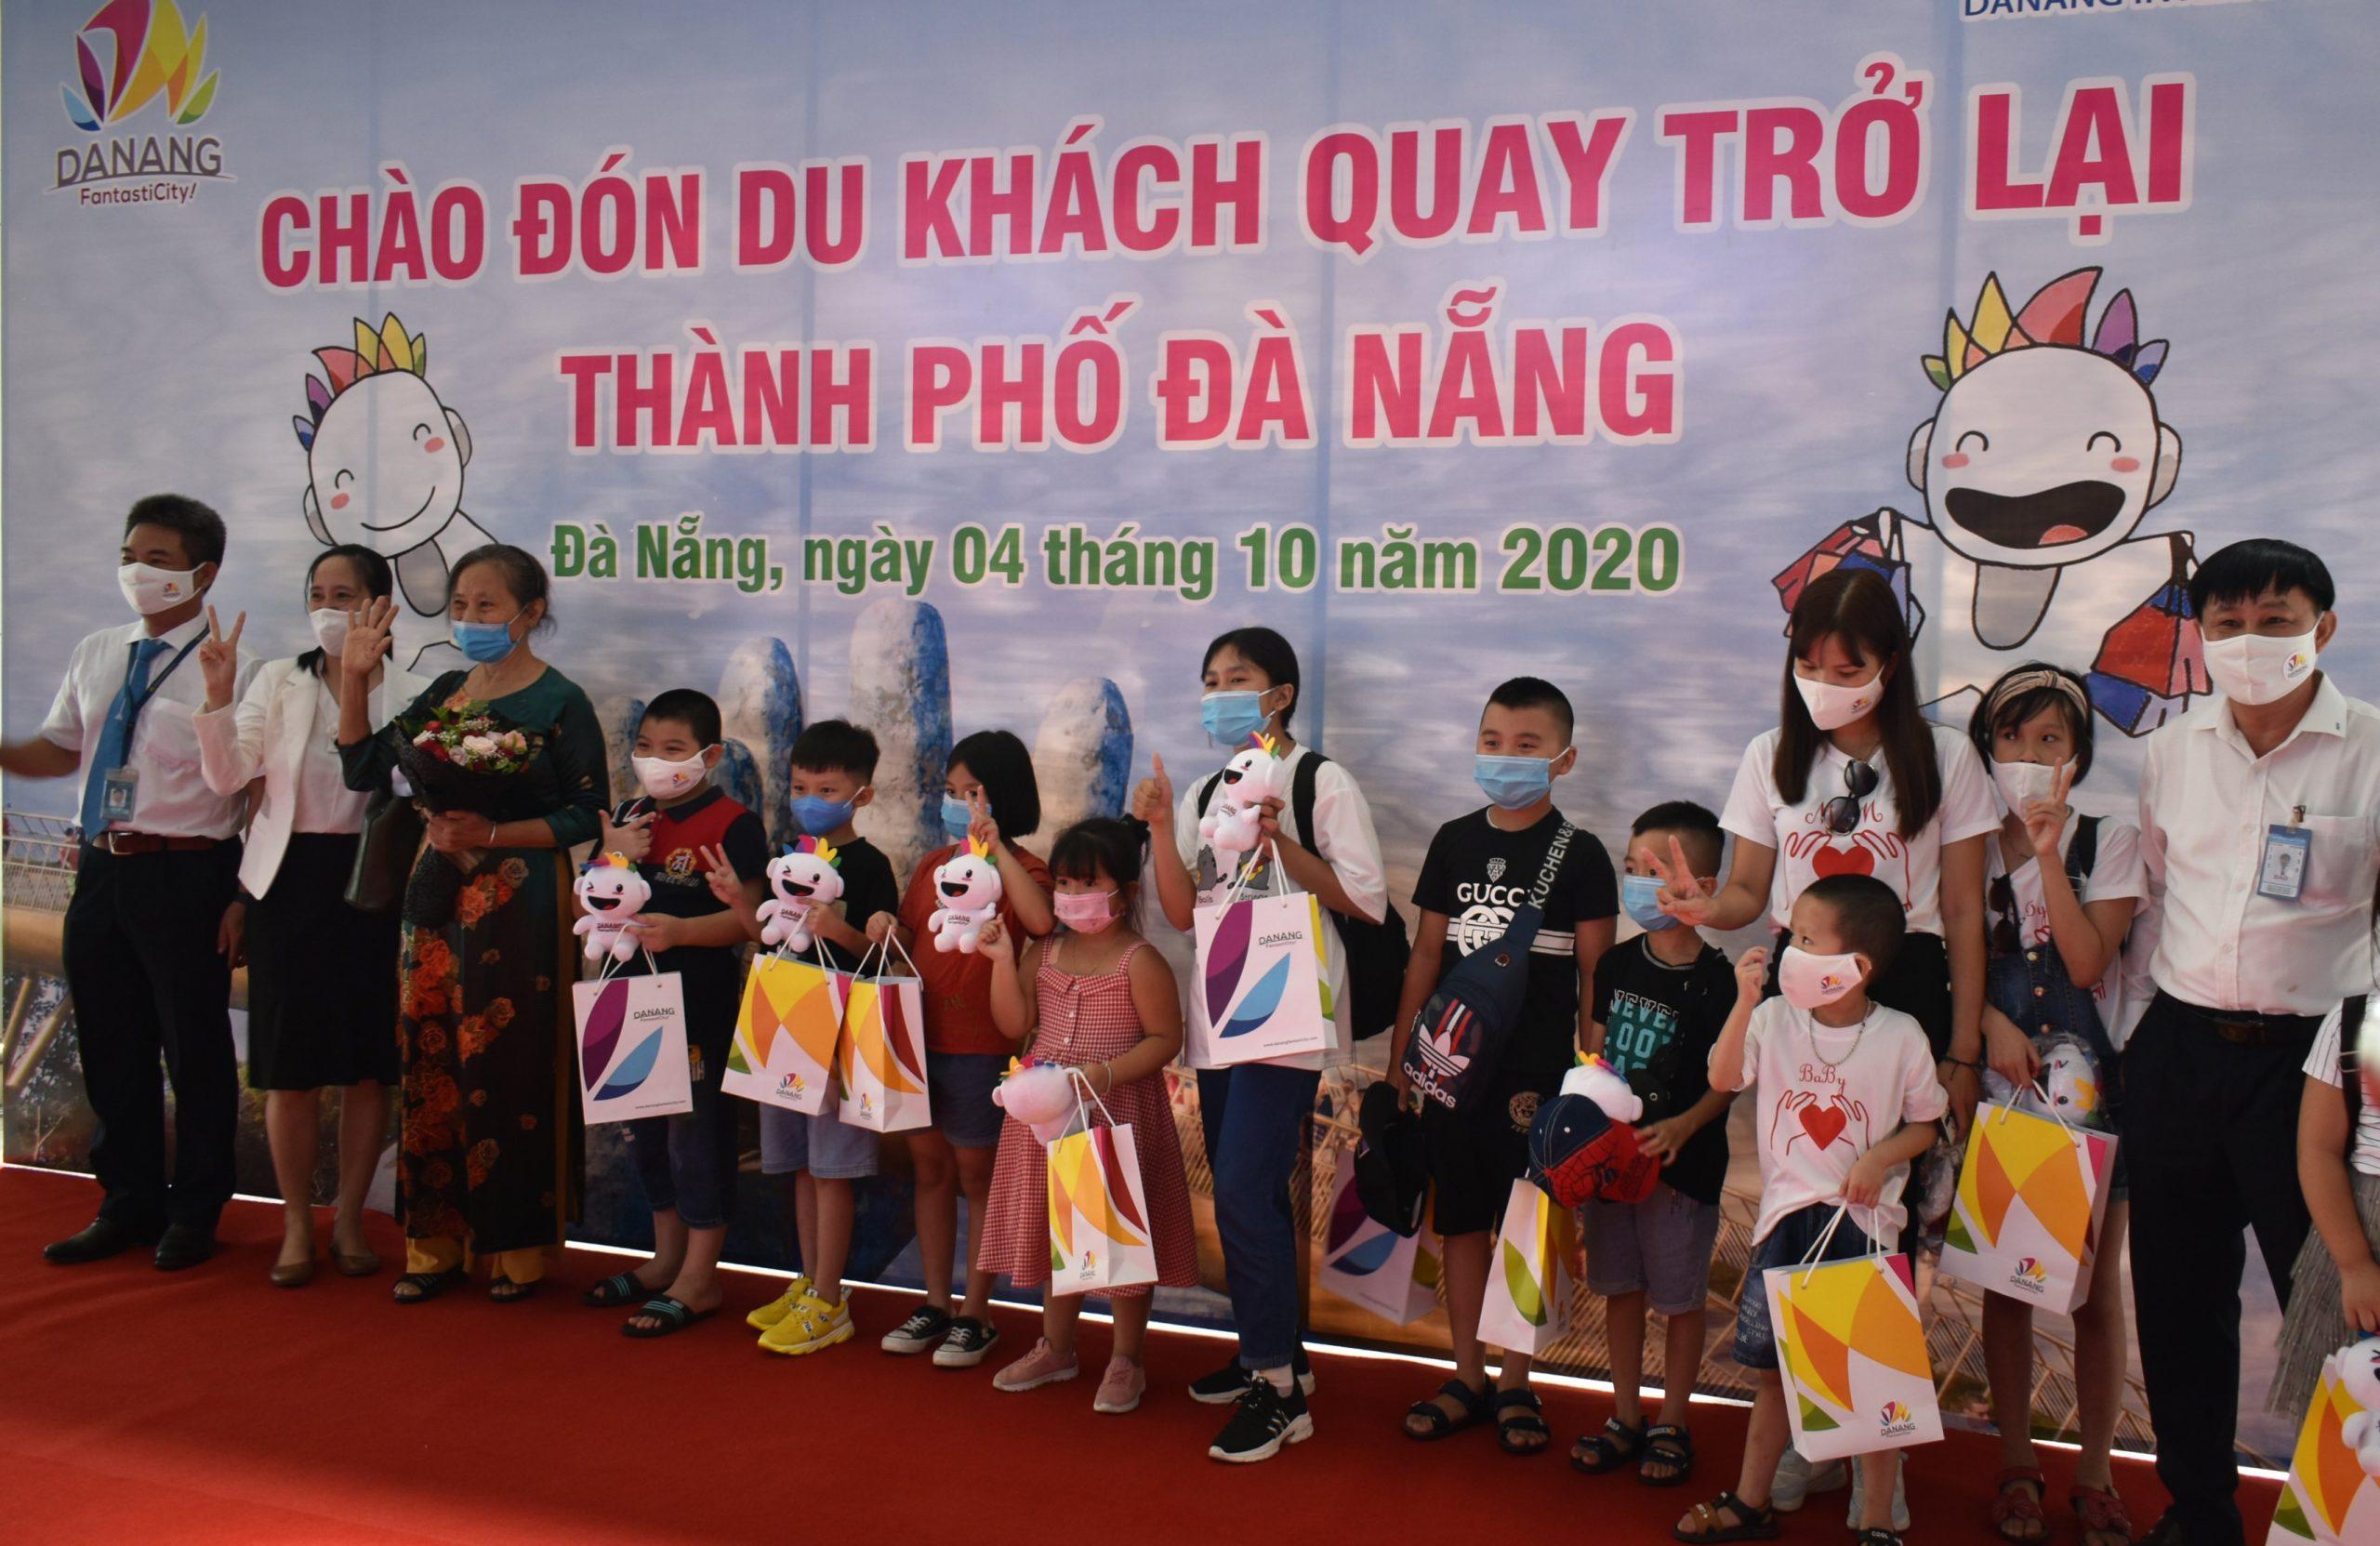 Đà Nẵng: Hân hoan chào đón du khách trở lại